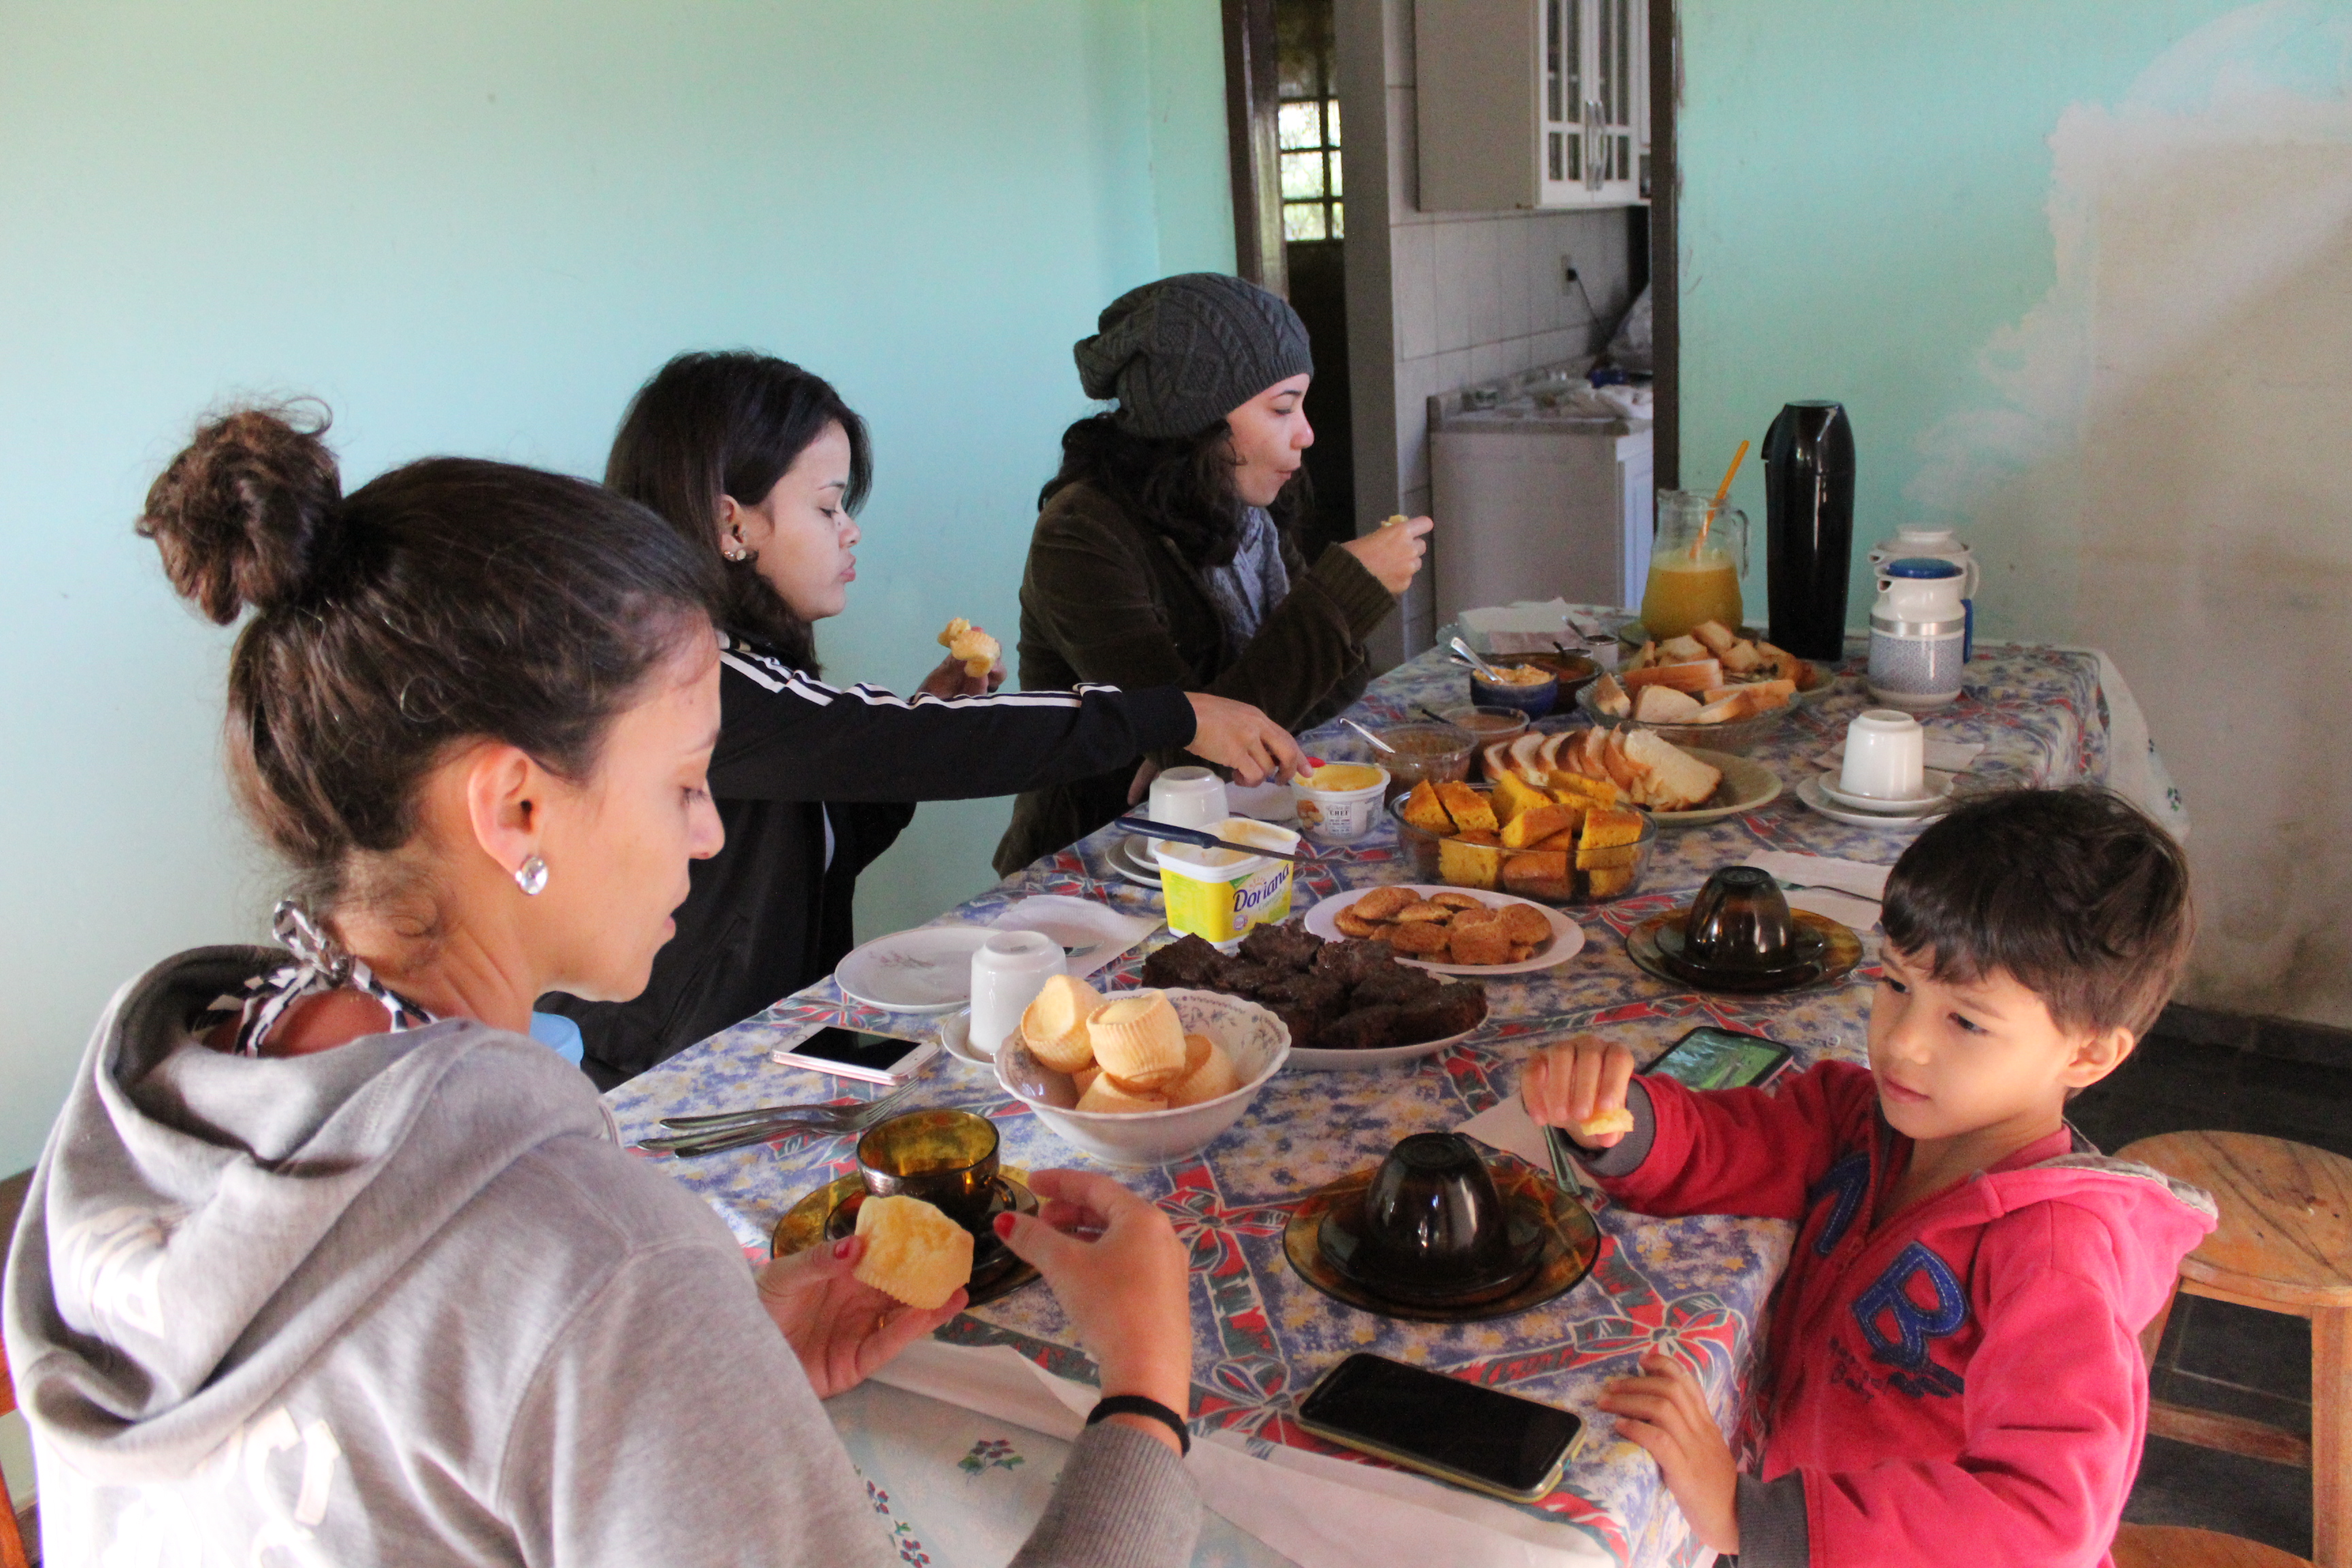 cafe_da_manha_sapopema_sitio_matias